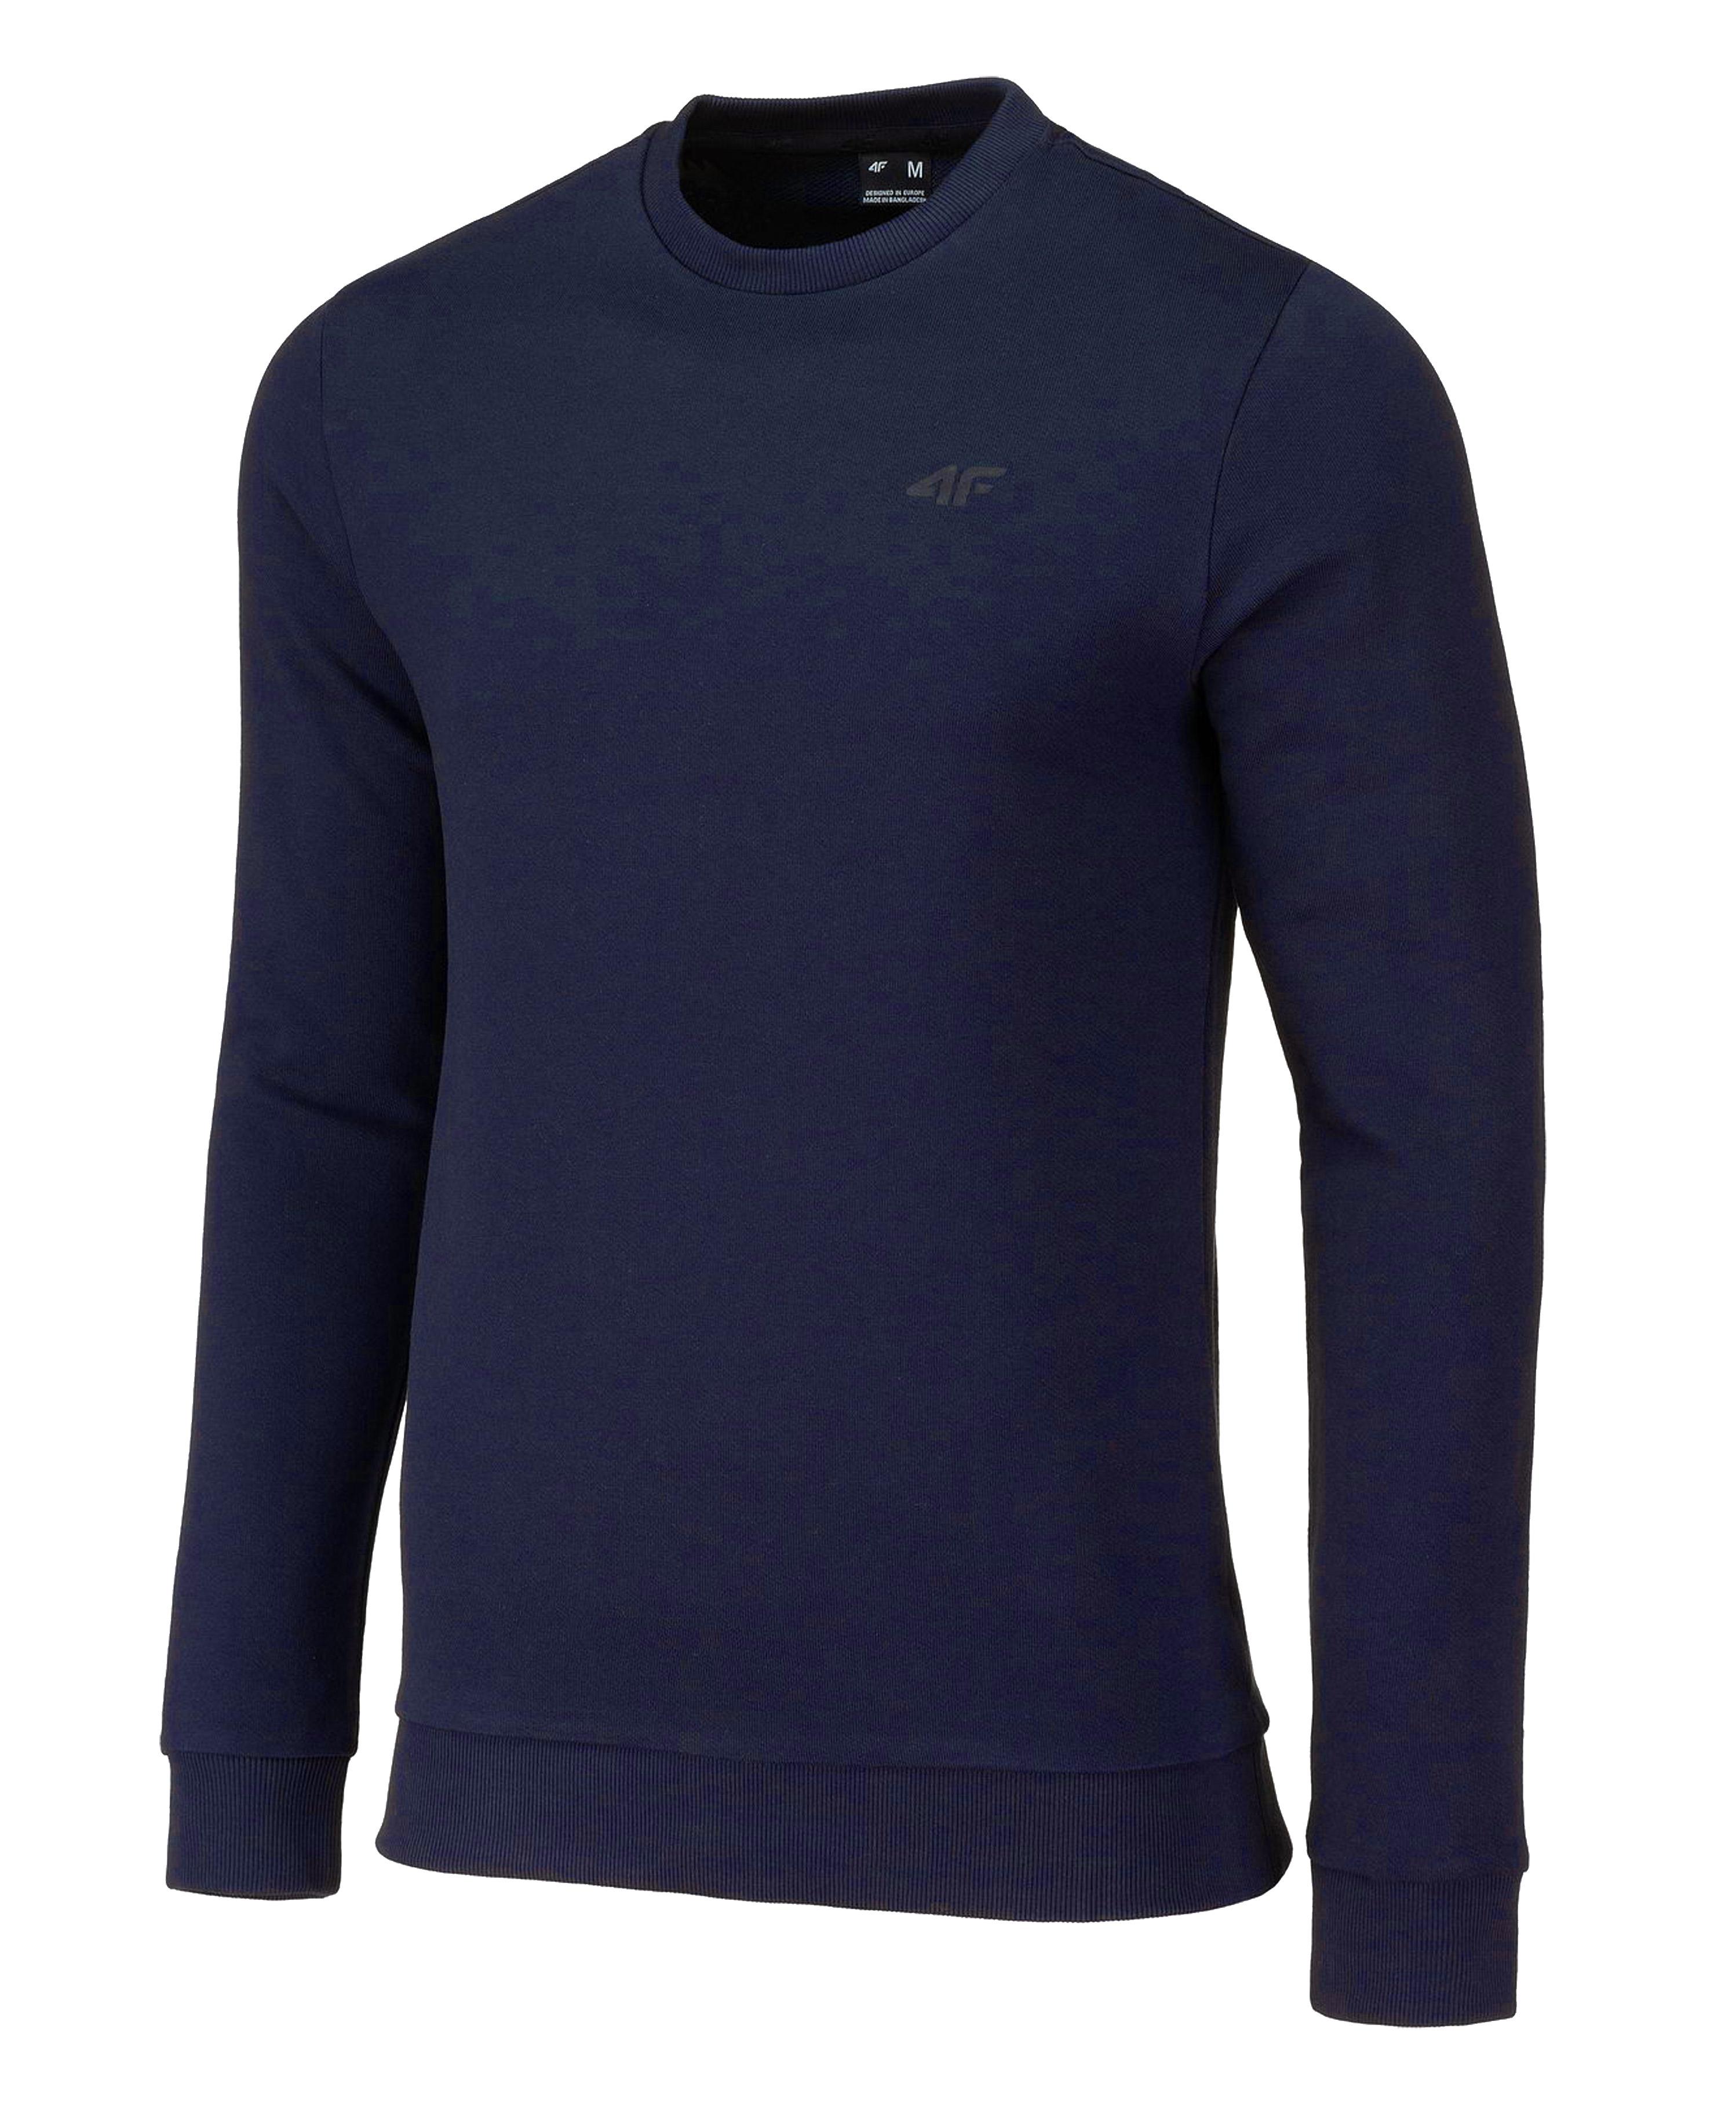 ג'קט ומעיל פור אף לגברים 4F warm - כחול כהה